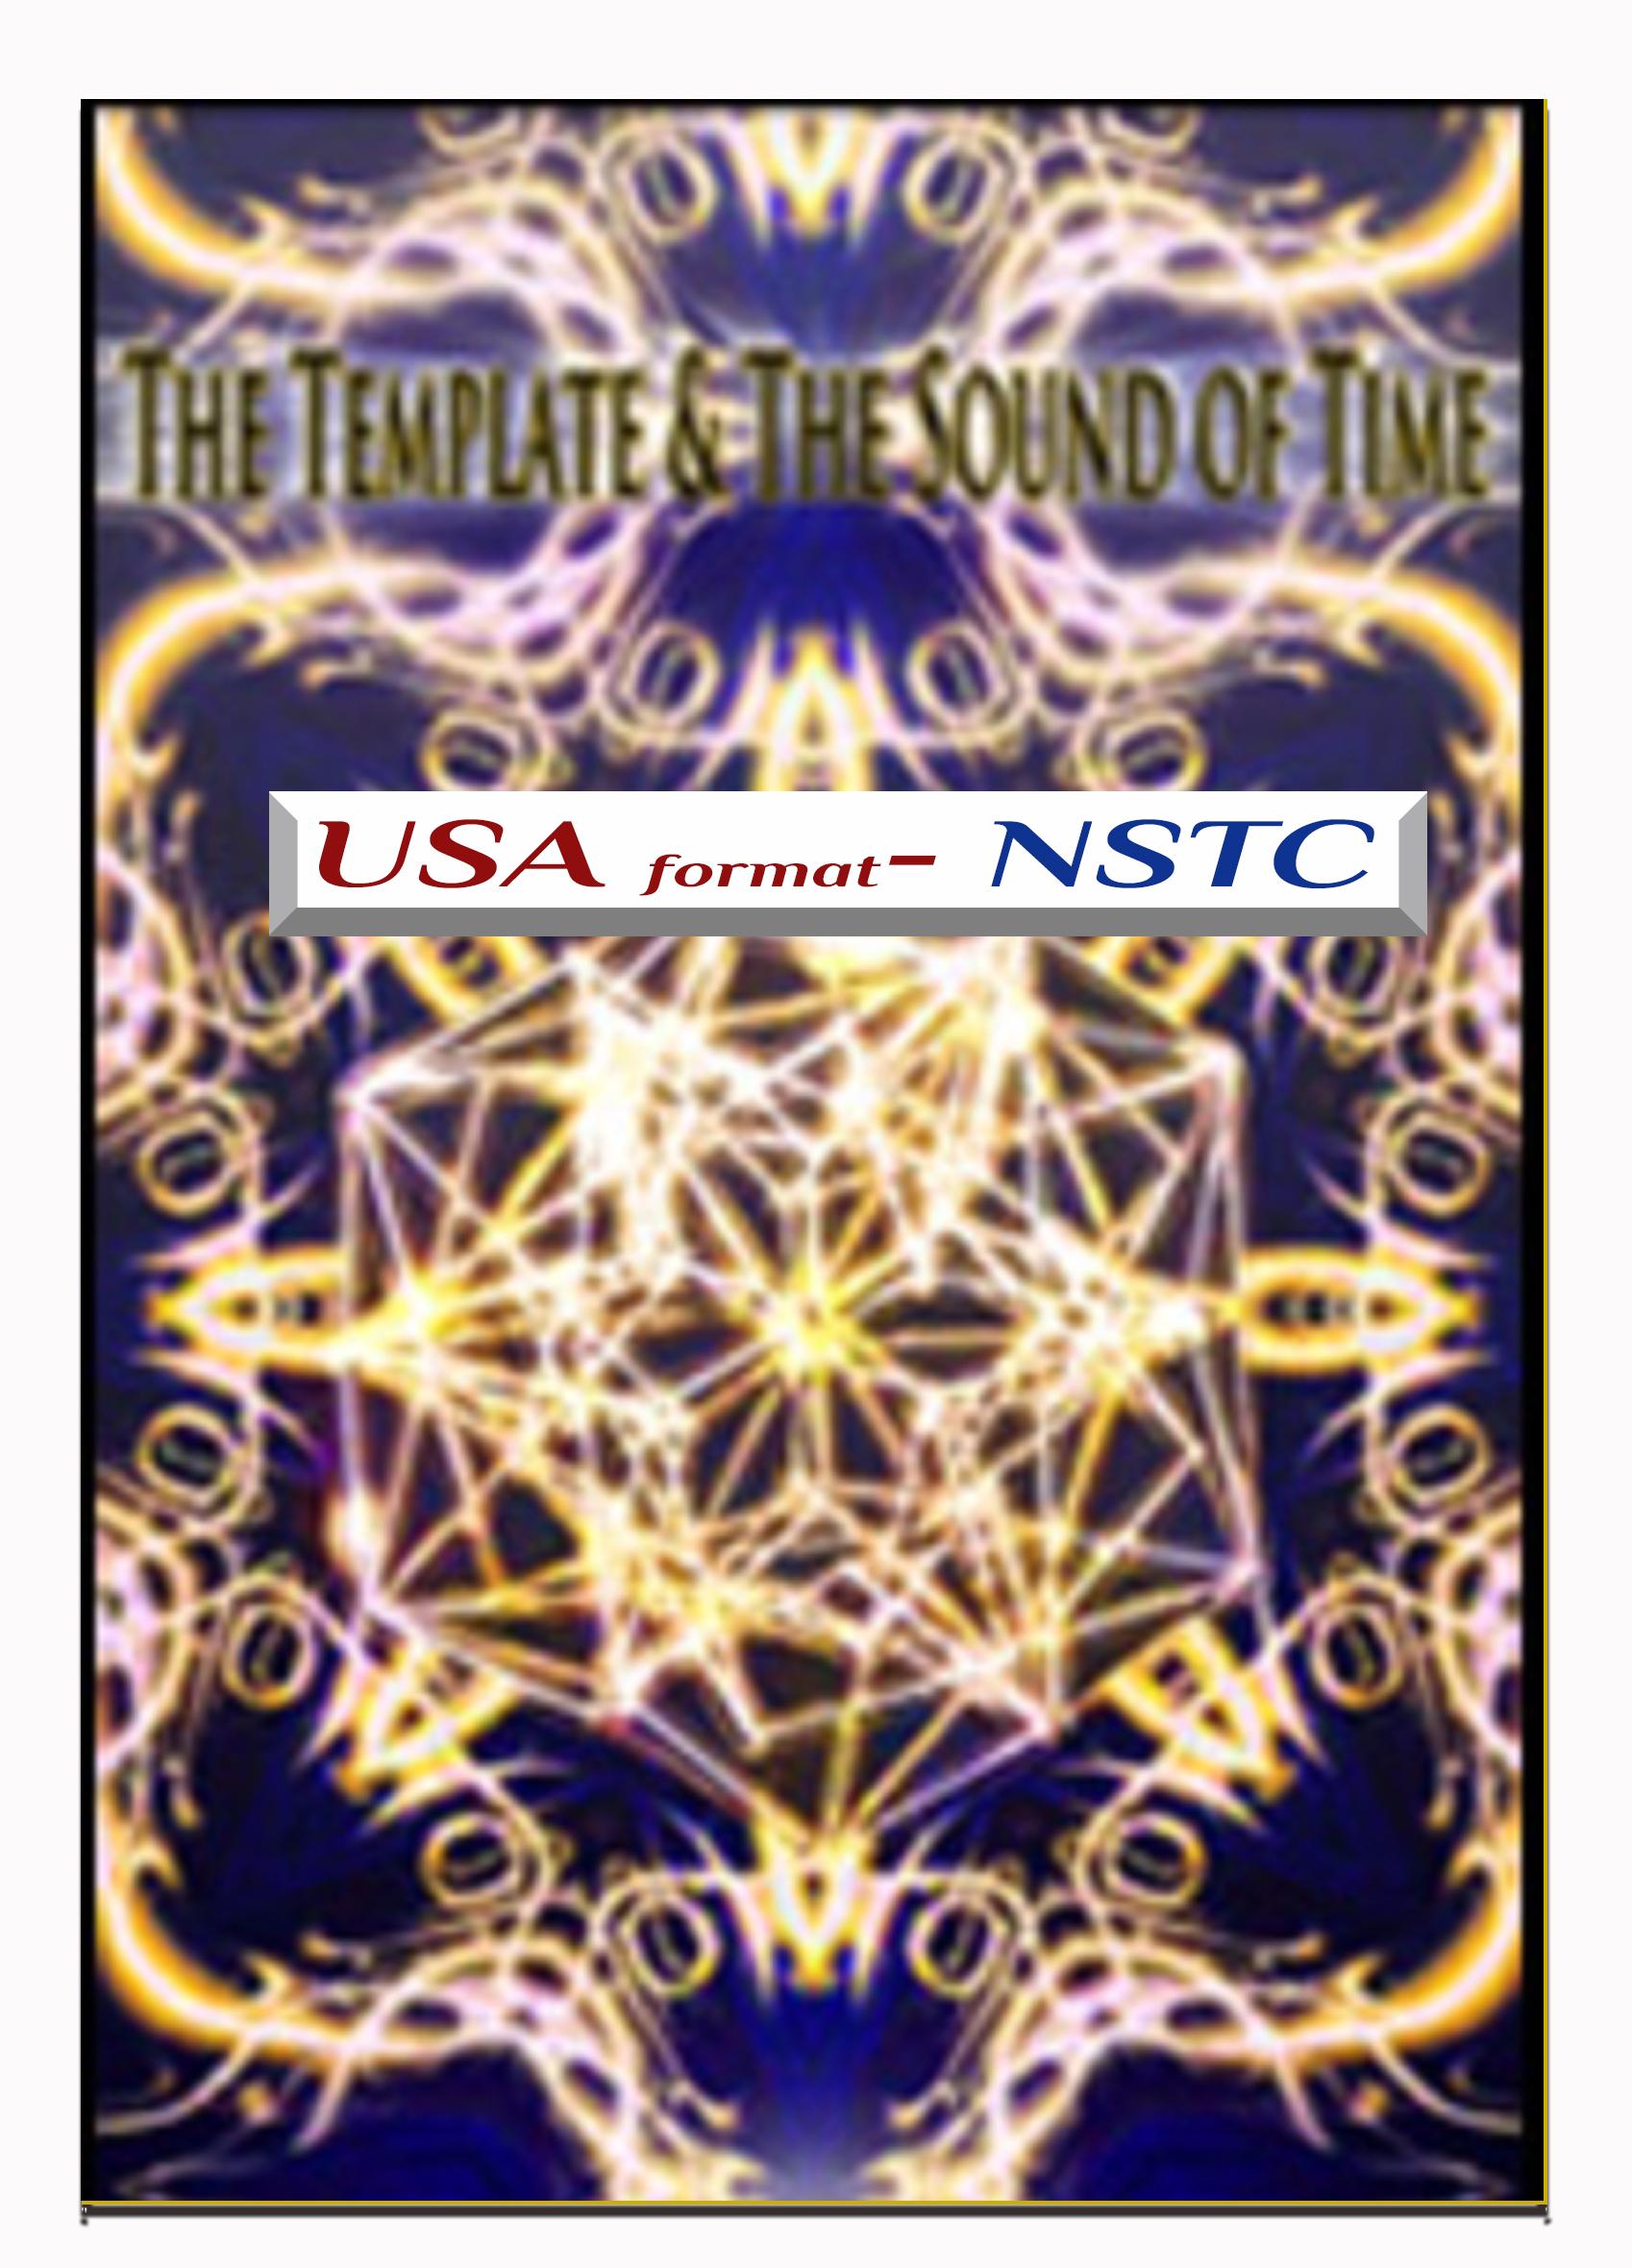 USA- Worldbridger Phi-sonic Resonance.